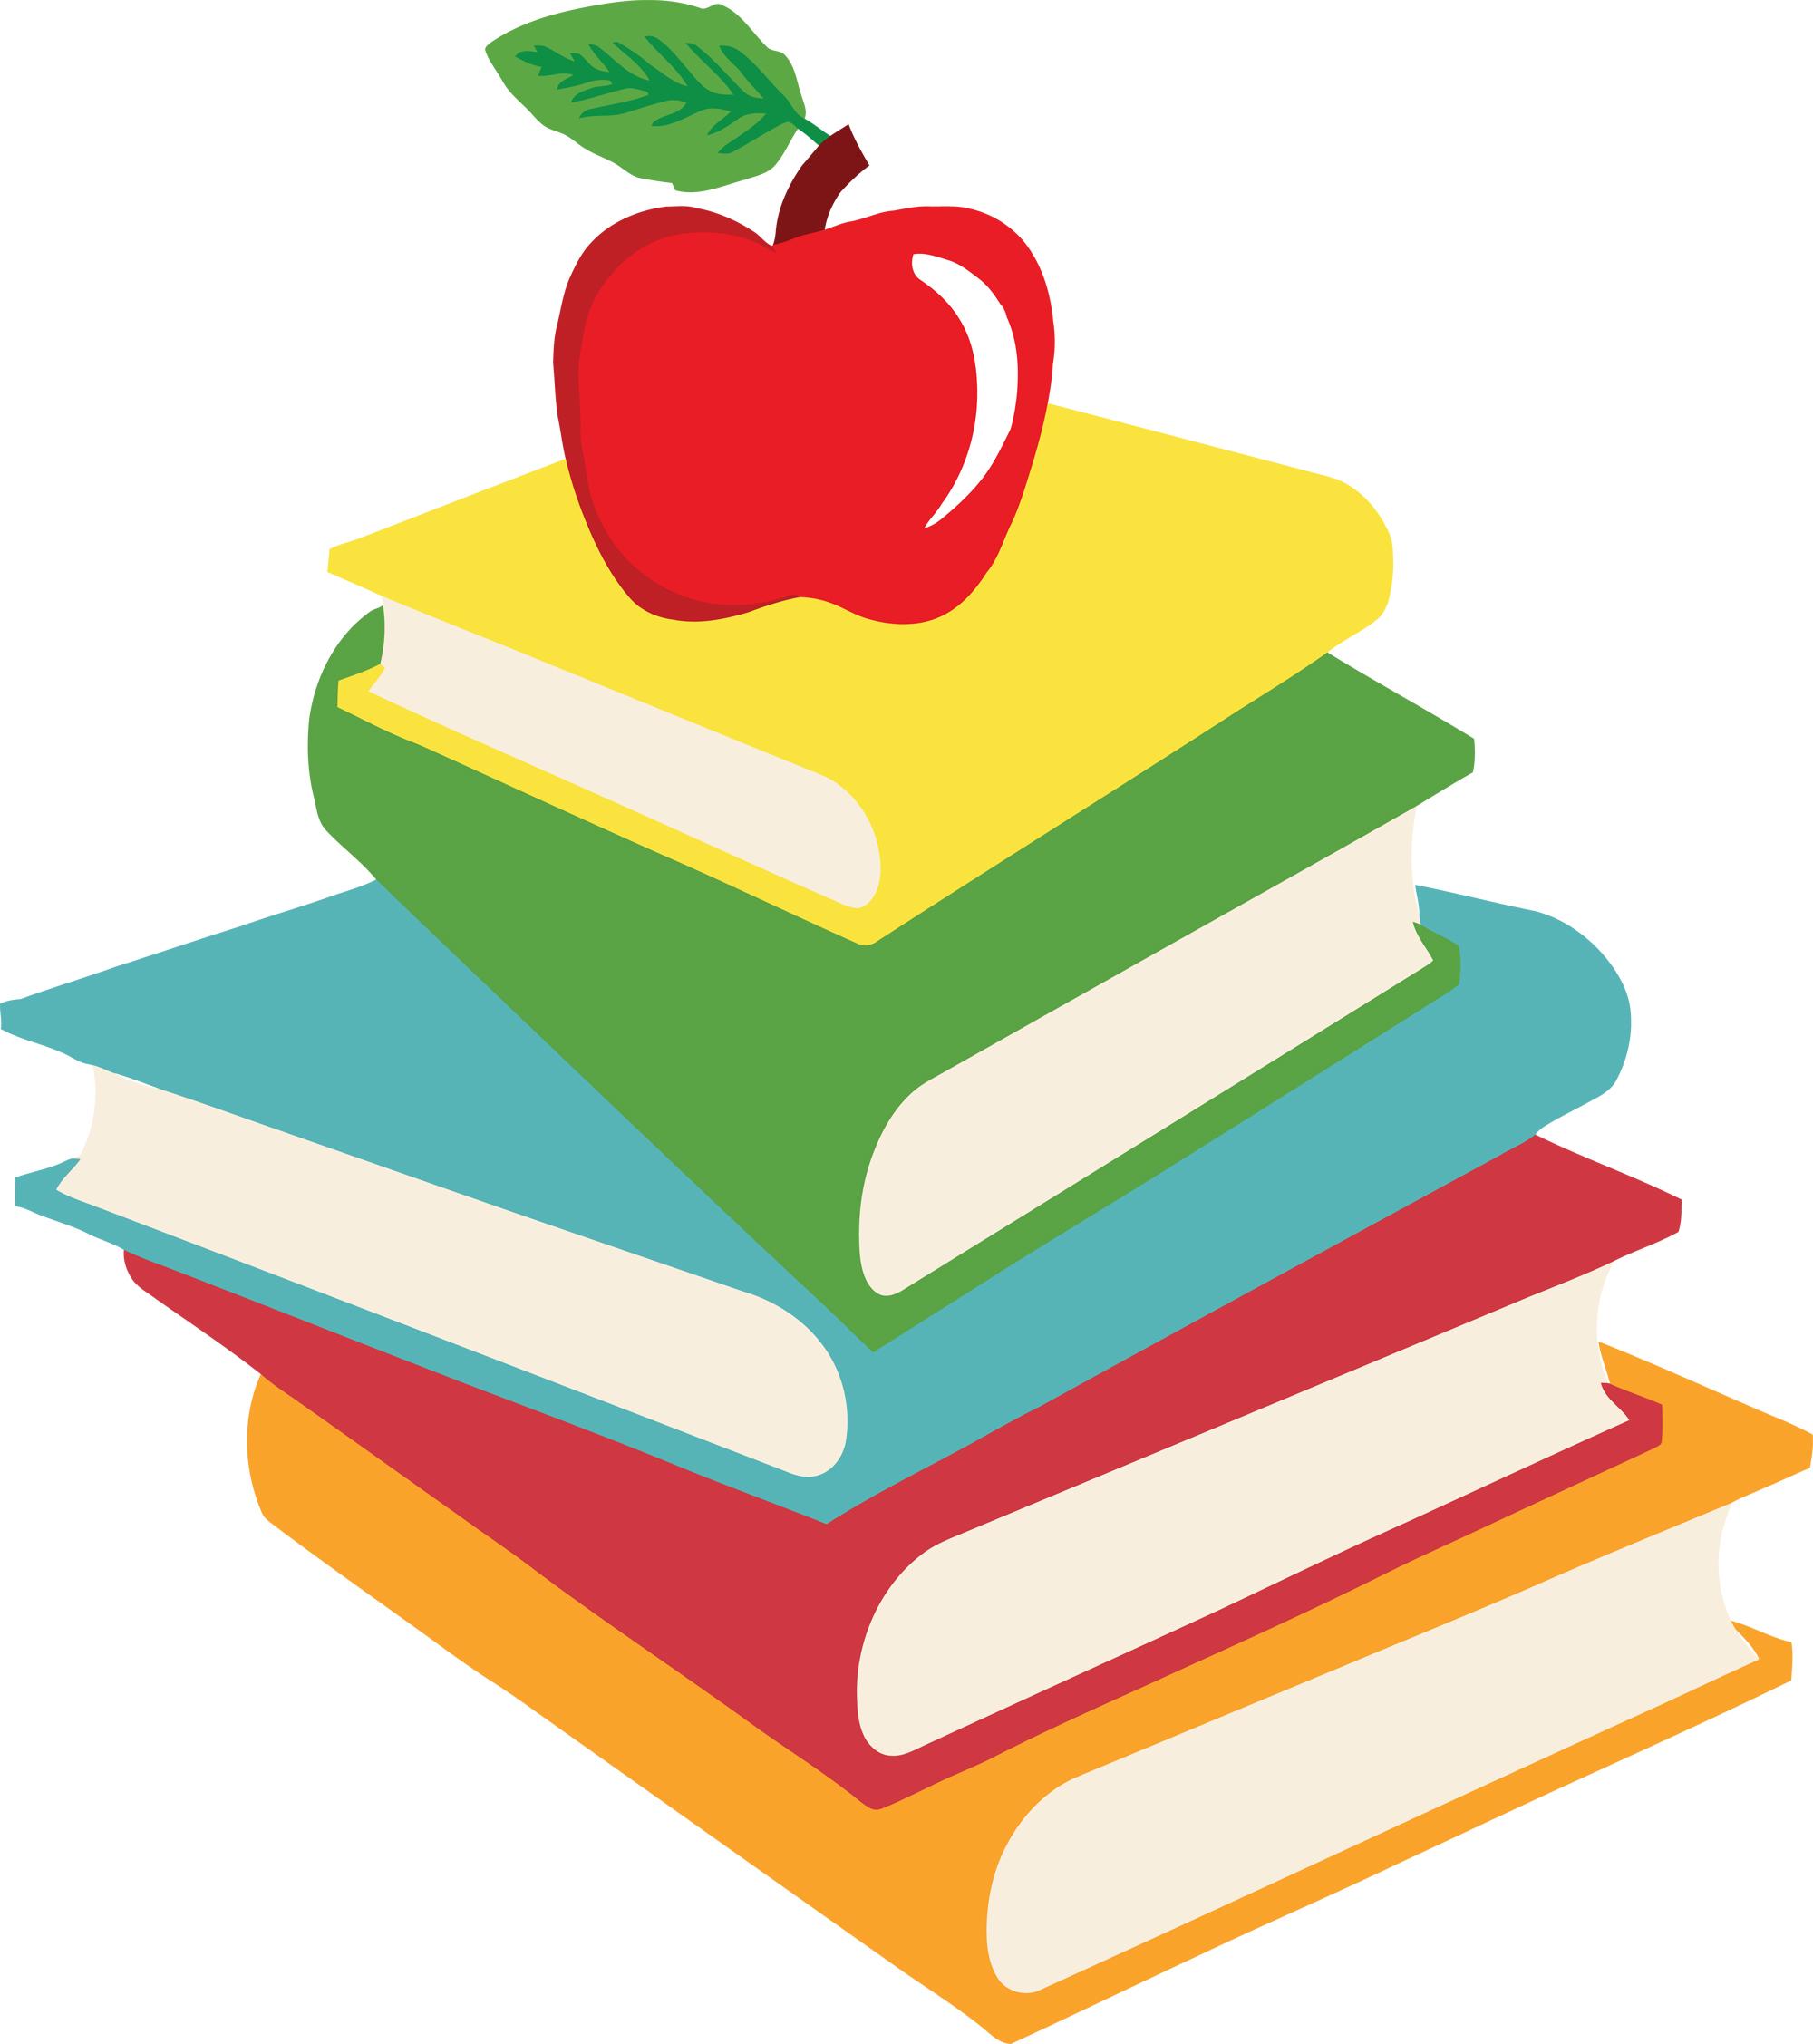 99+ School Books Clipart.